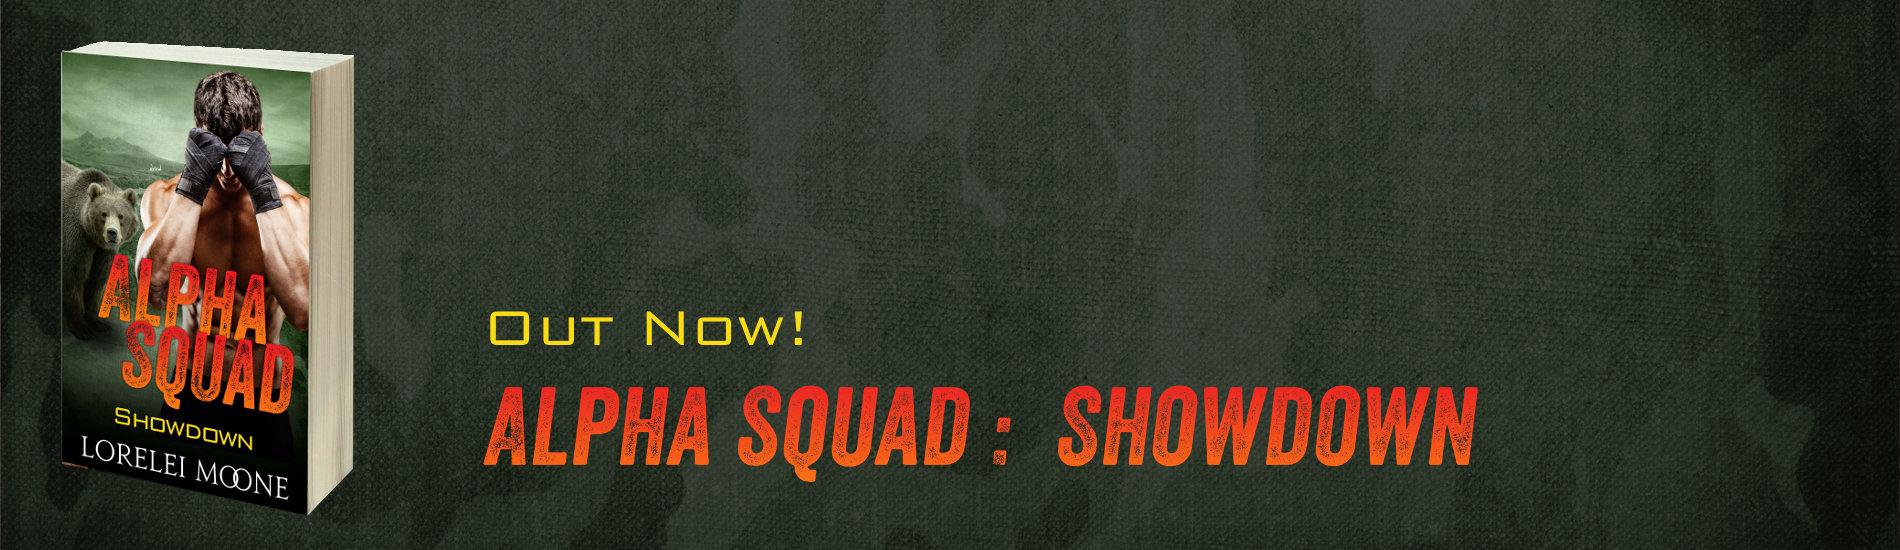 Out Now – Alpha Squad: Showdown